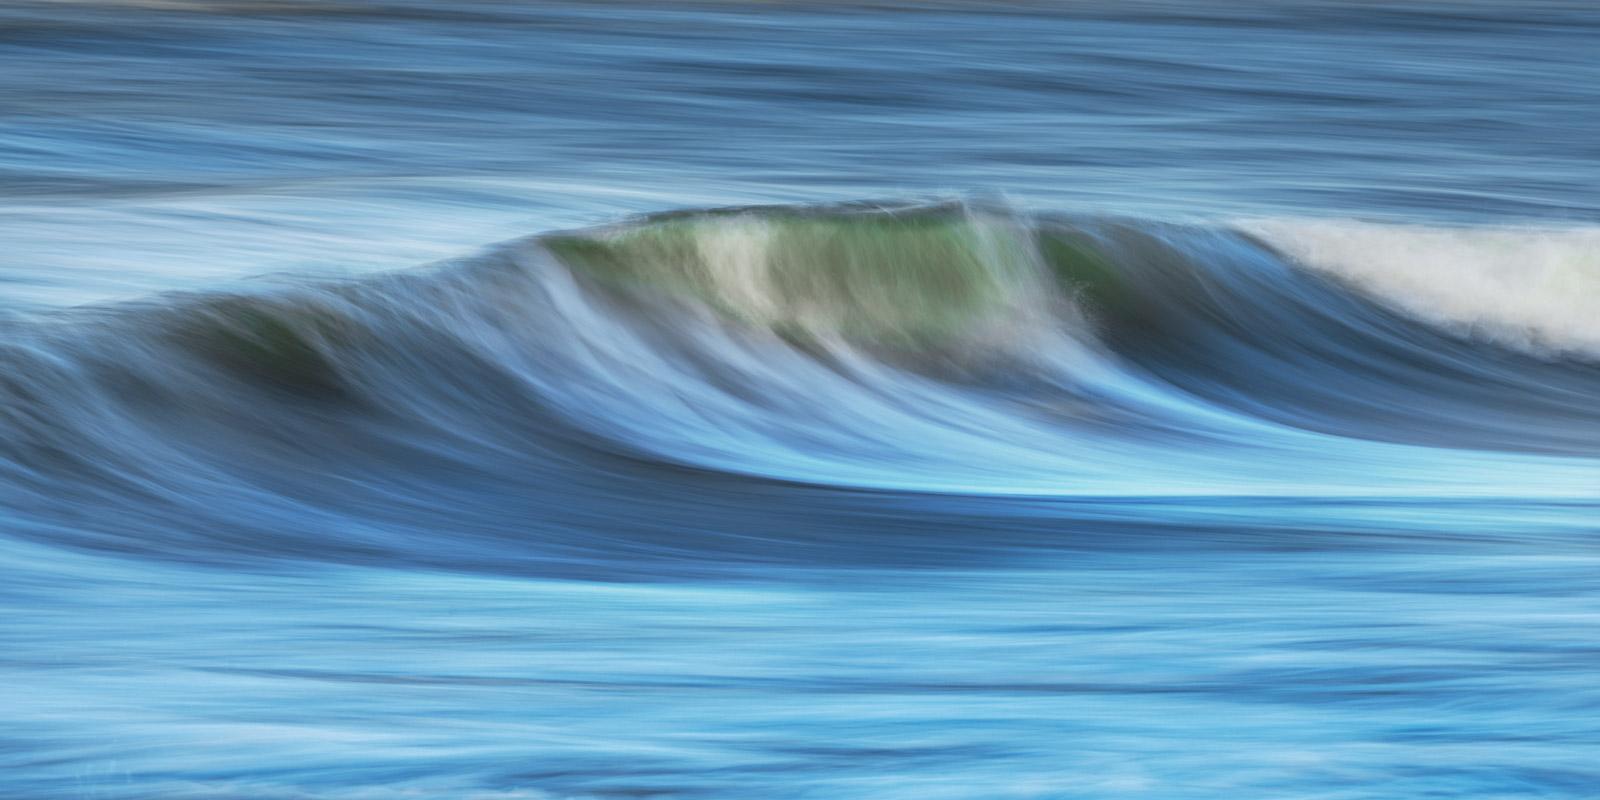 Abstract Photograph, Florida, Coast, Ocean, Wave, photo